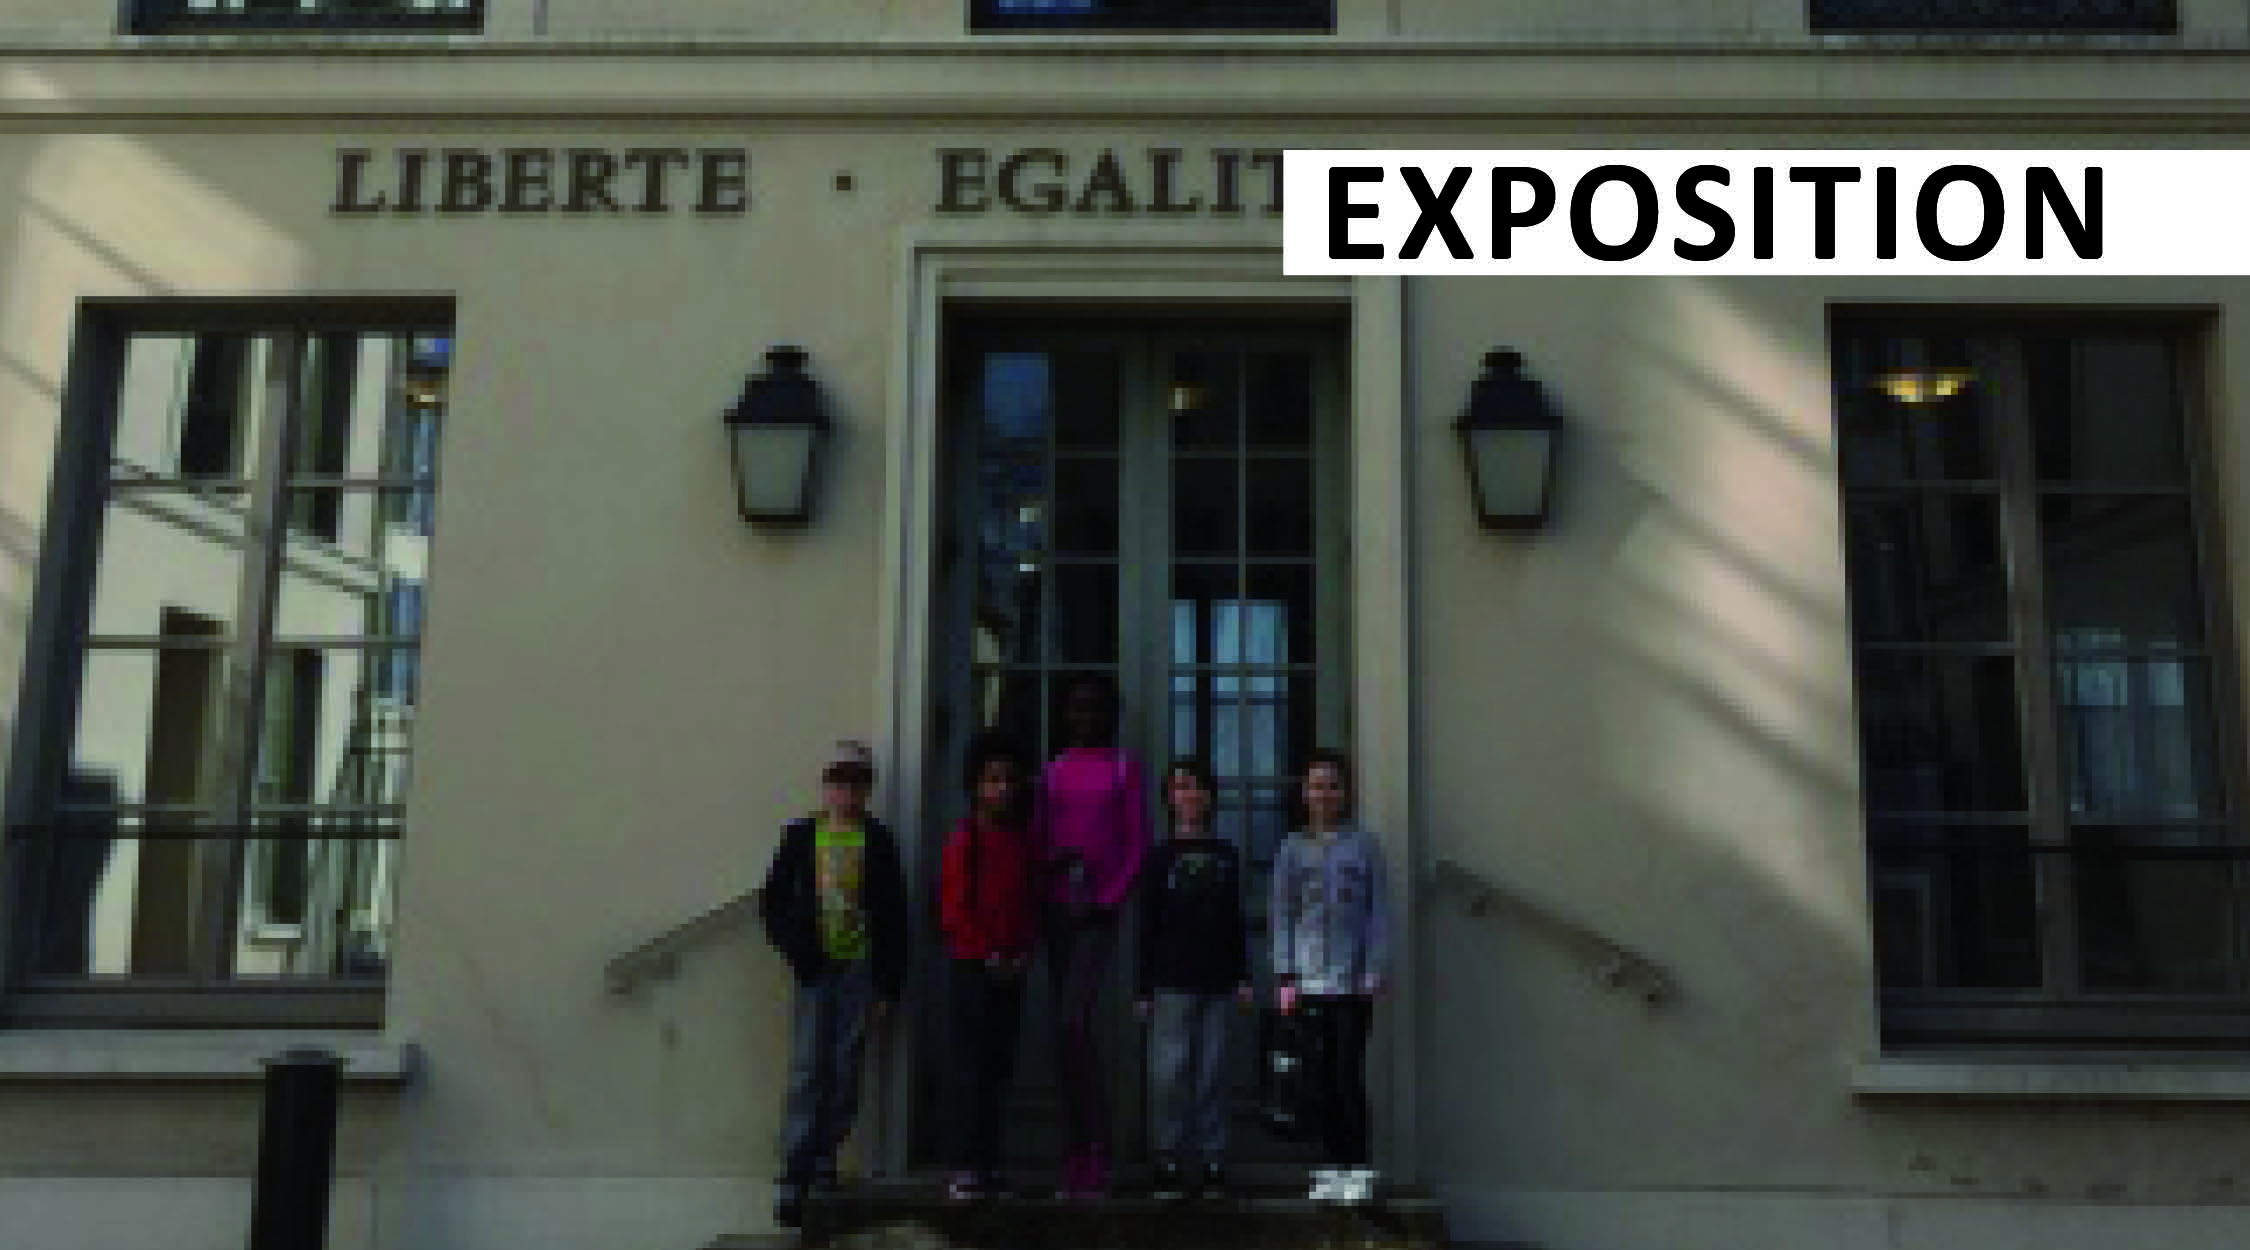 Pratique numérique : un rallye-photo à Saint-Germain-en-Laye